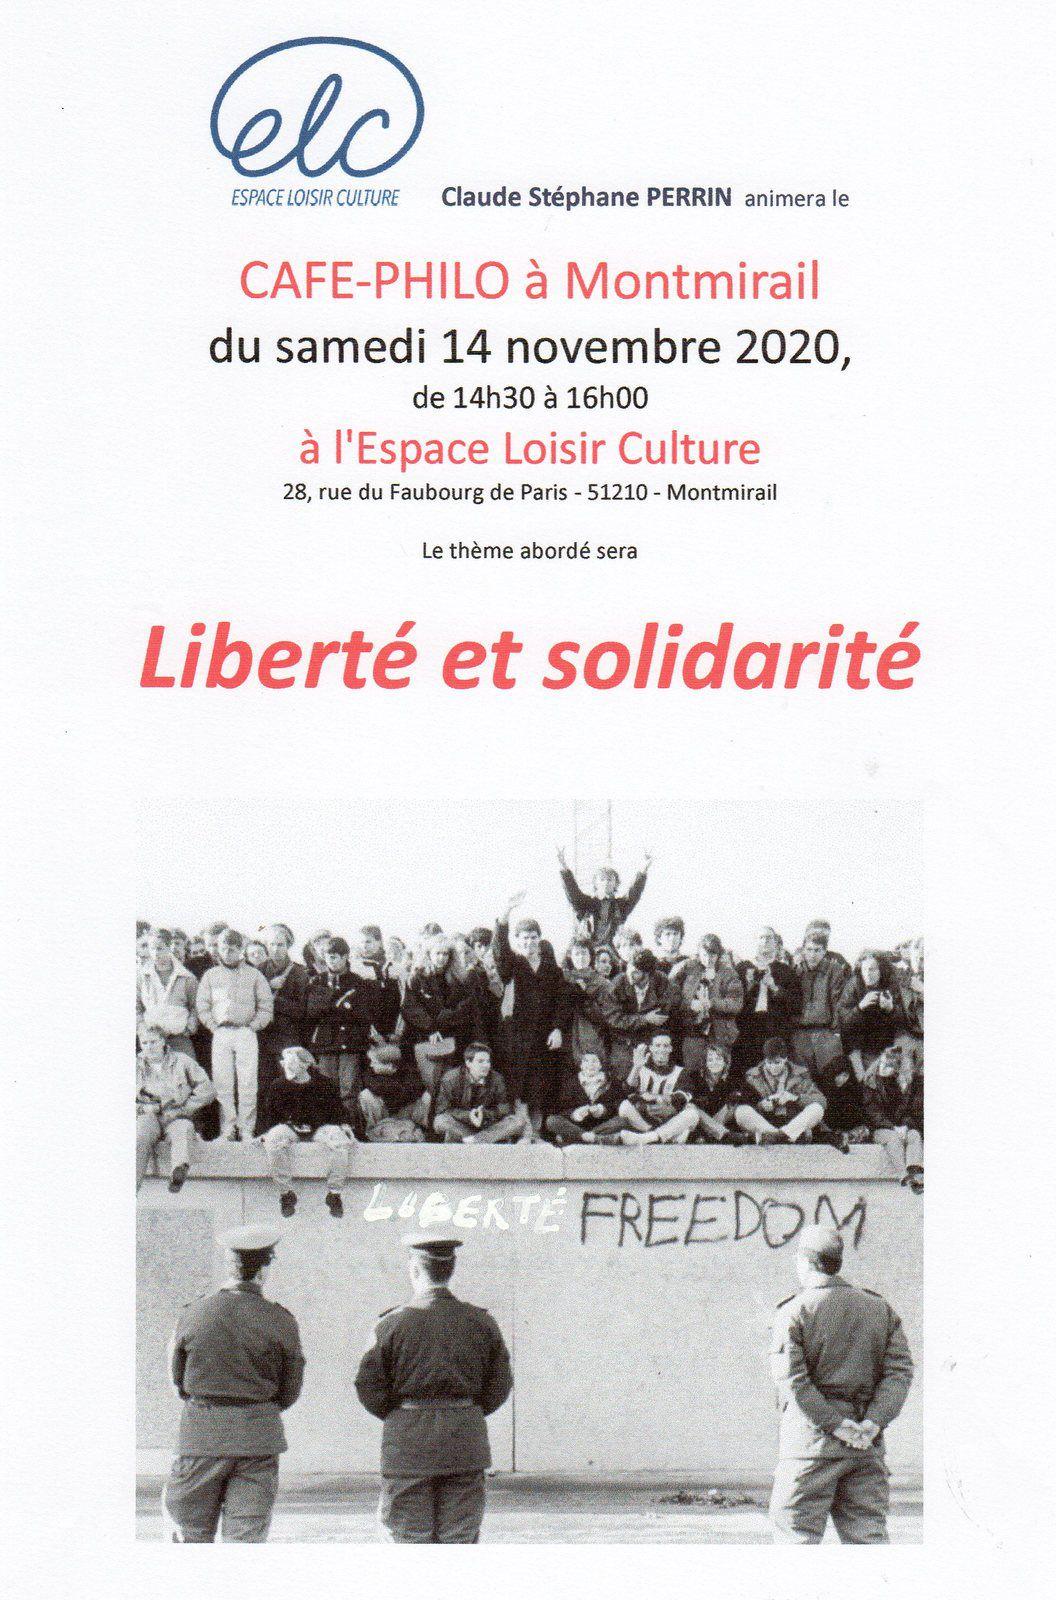 CAFE-PHILO DE MONTMIRAIL (51) le 14 novembre 2020